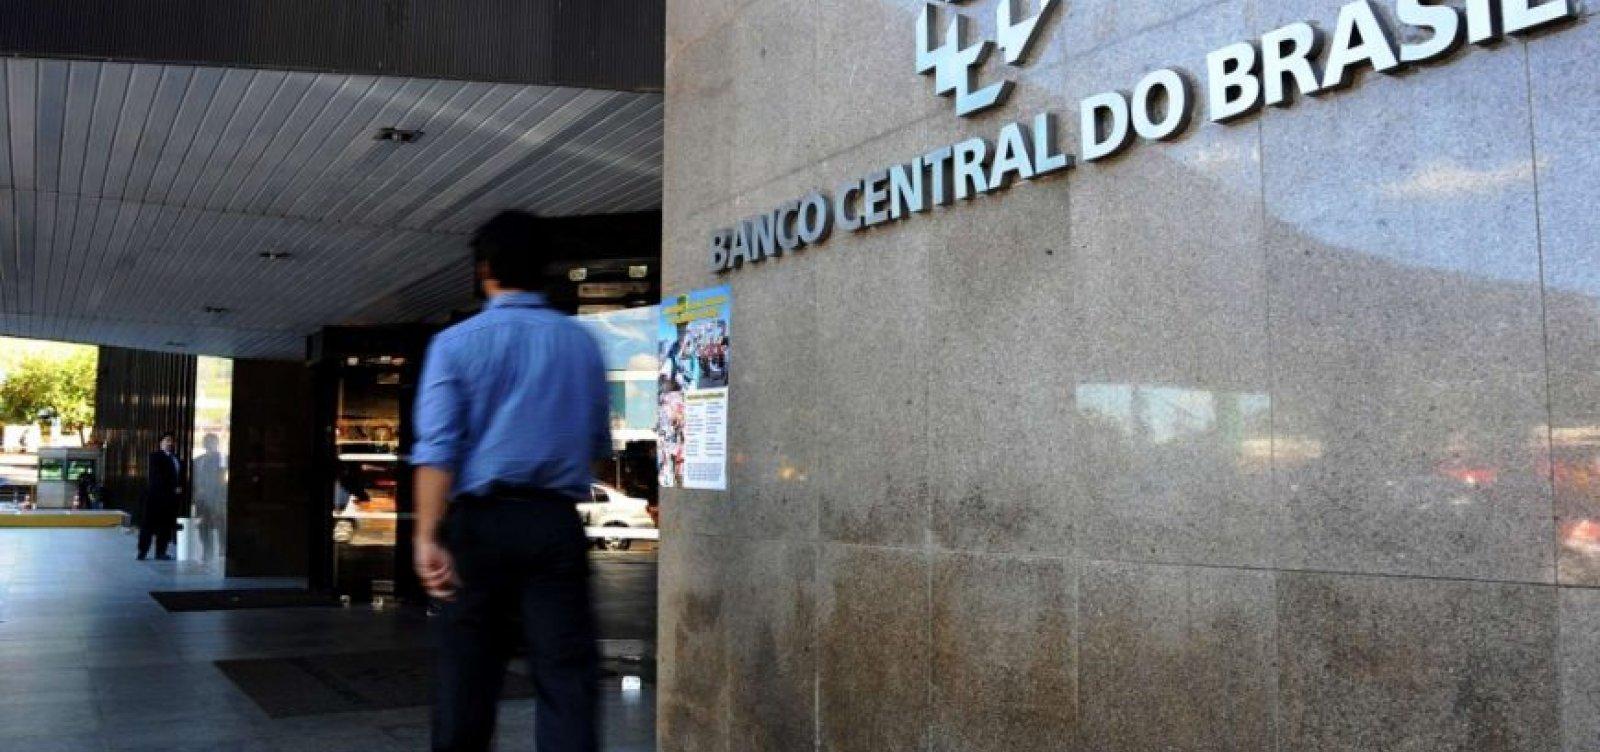 [Banco Central estuda medidas para promover educação financeira]